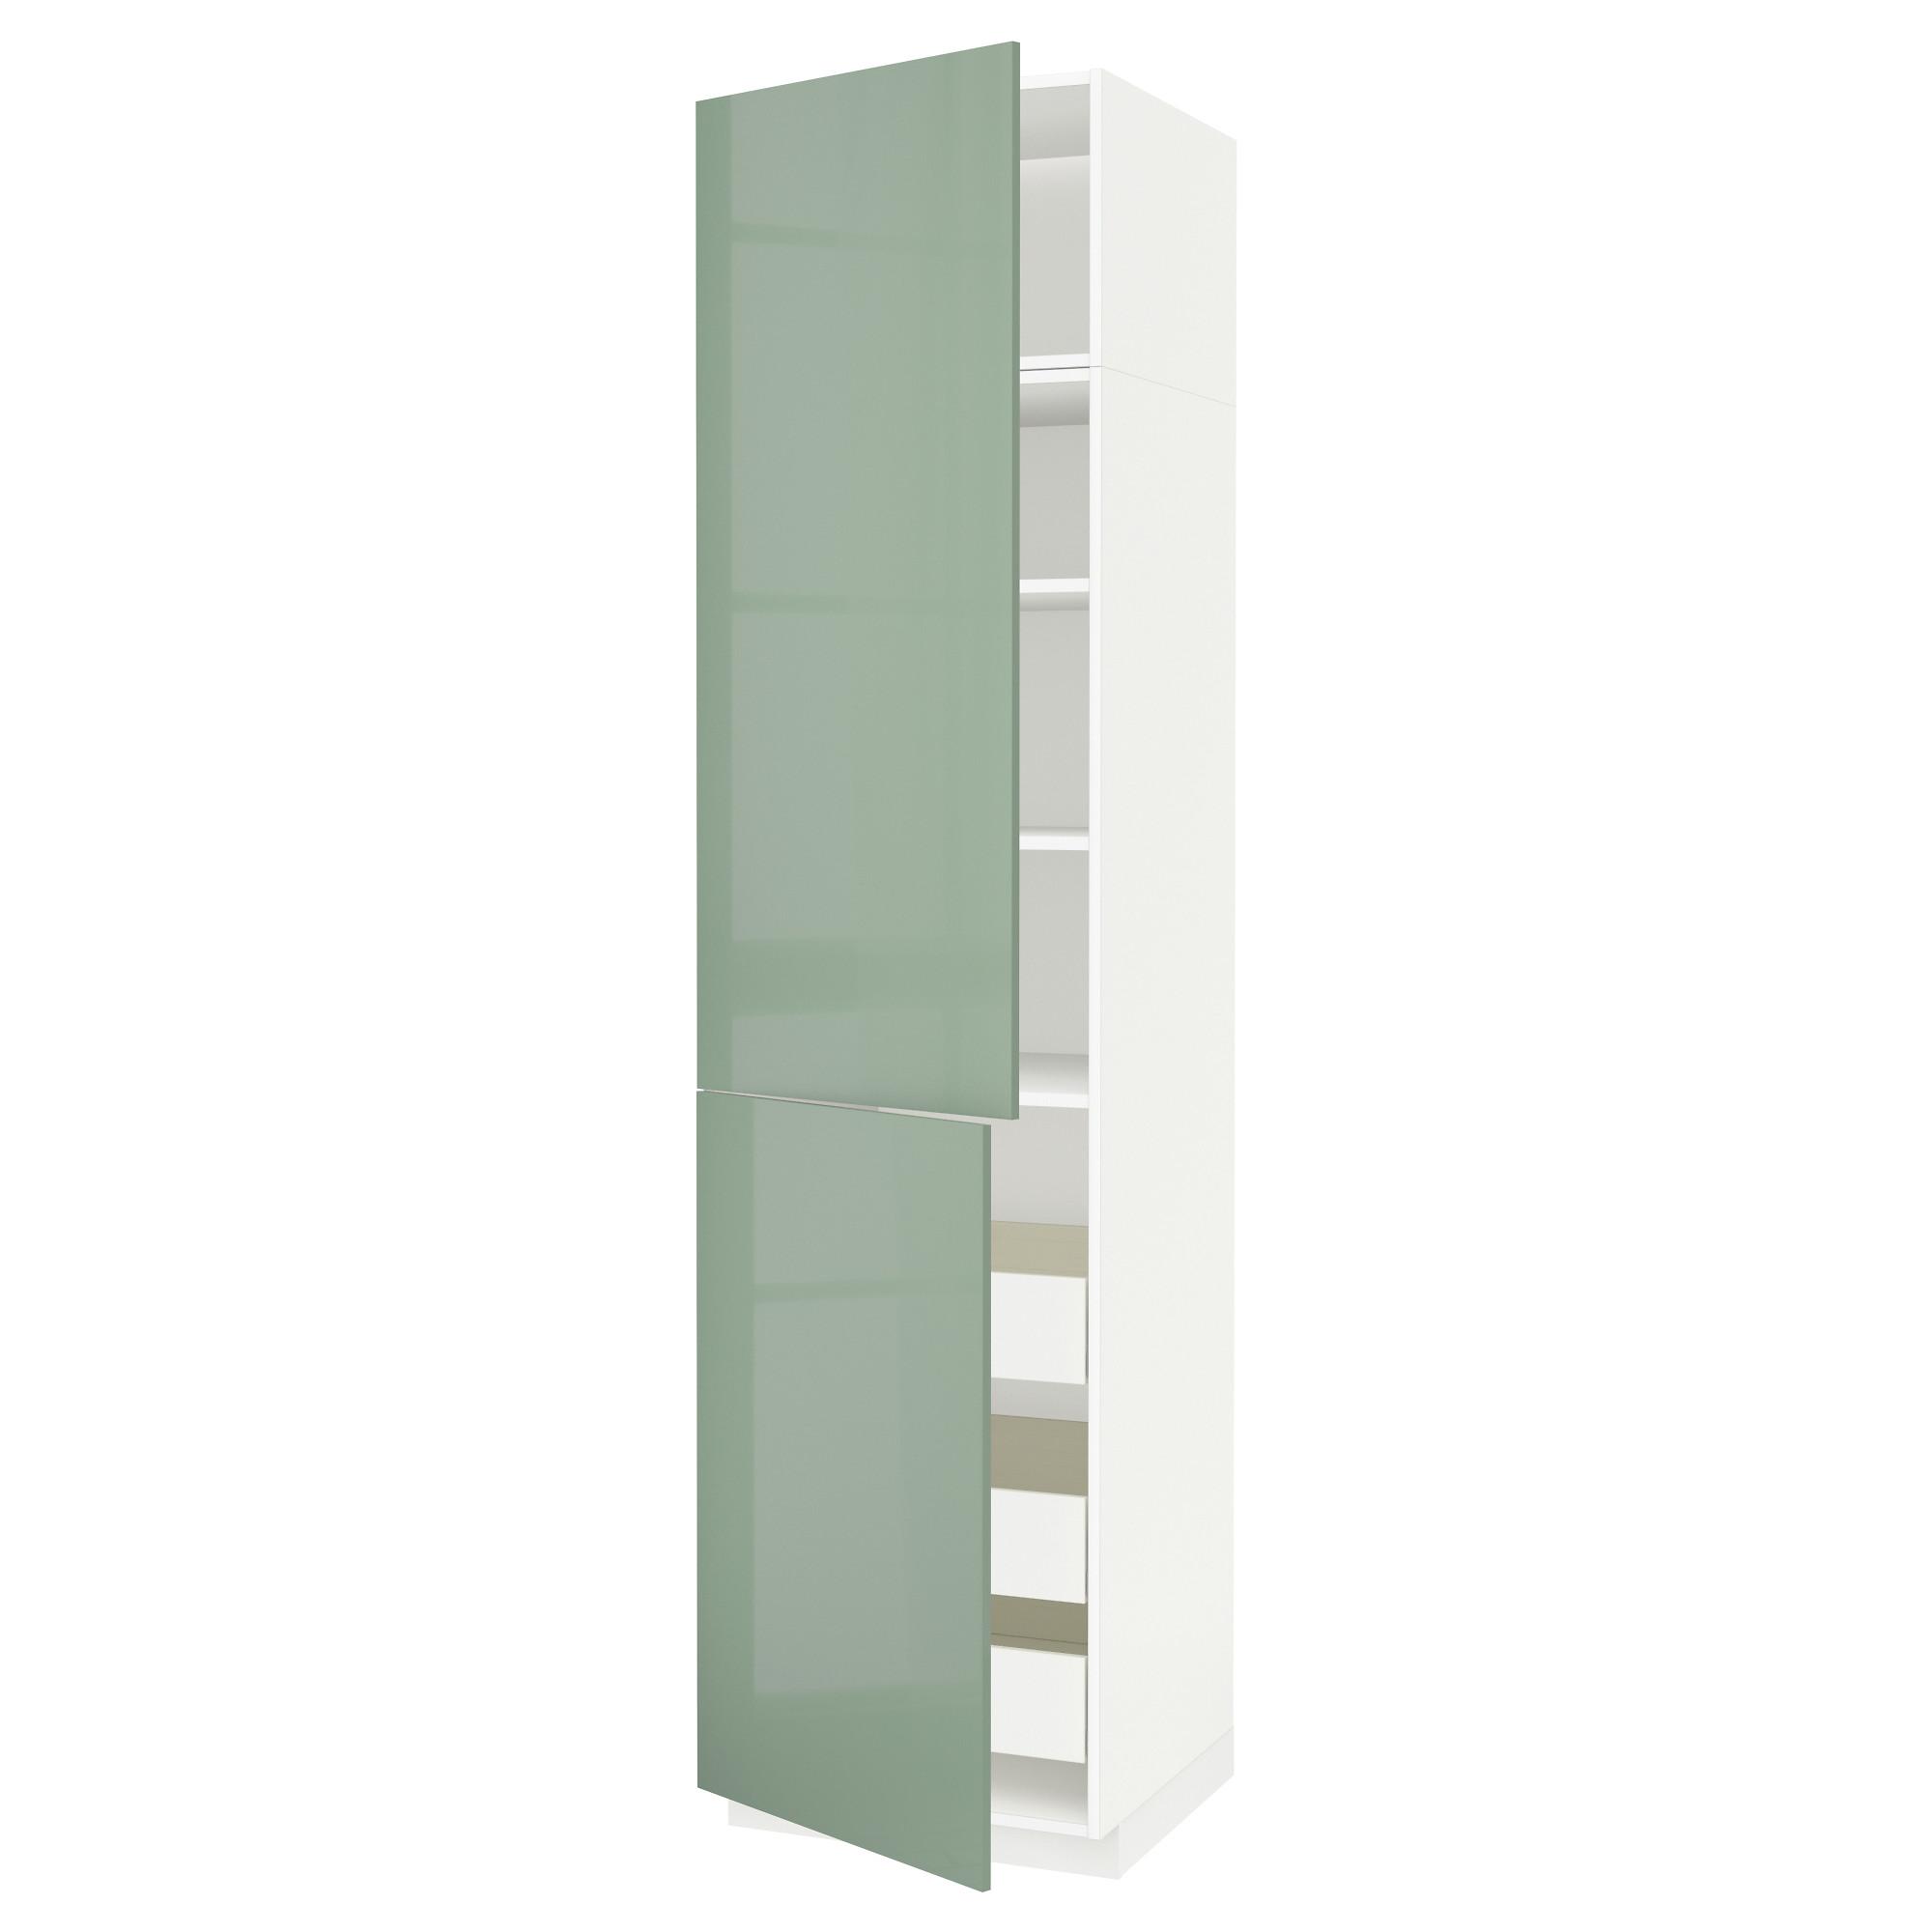 Высокий шкаф + полки, 3 ящика, 2 дверцы МЕТОД / ФОРВАРА светло-зеленый артикуль № 792.658.08 в наличии. Интернет сайт IKEA РБ. Быстрая доставка и установка.